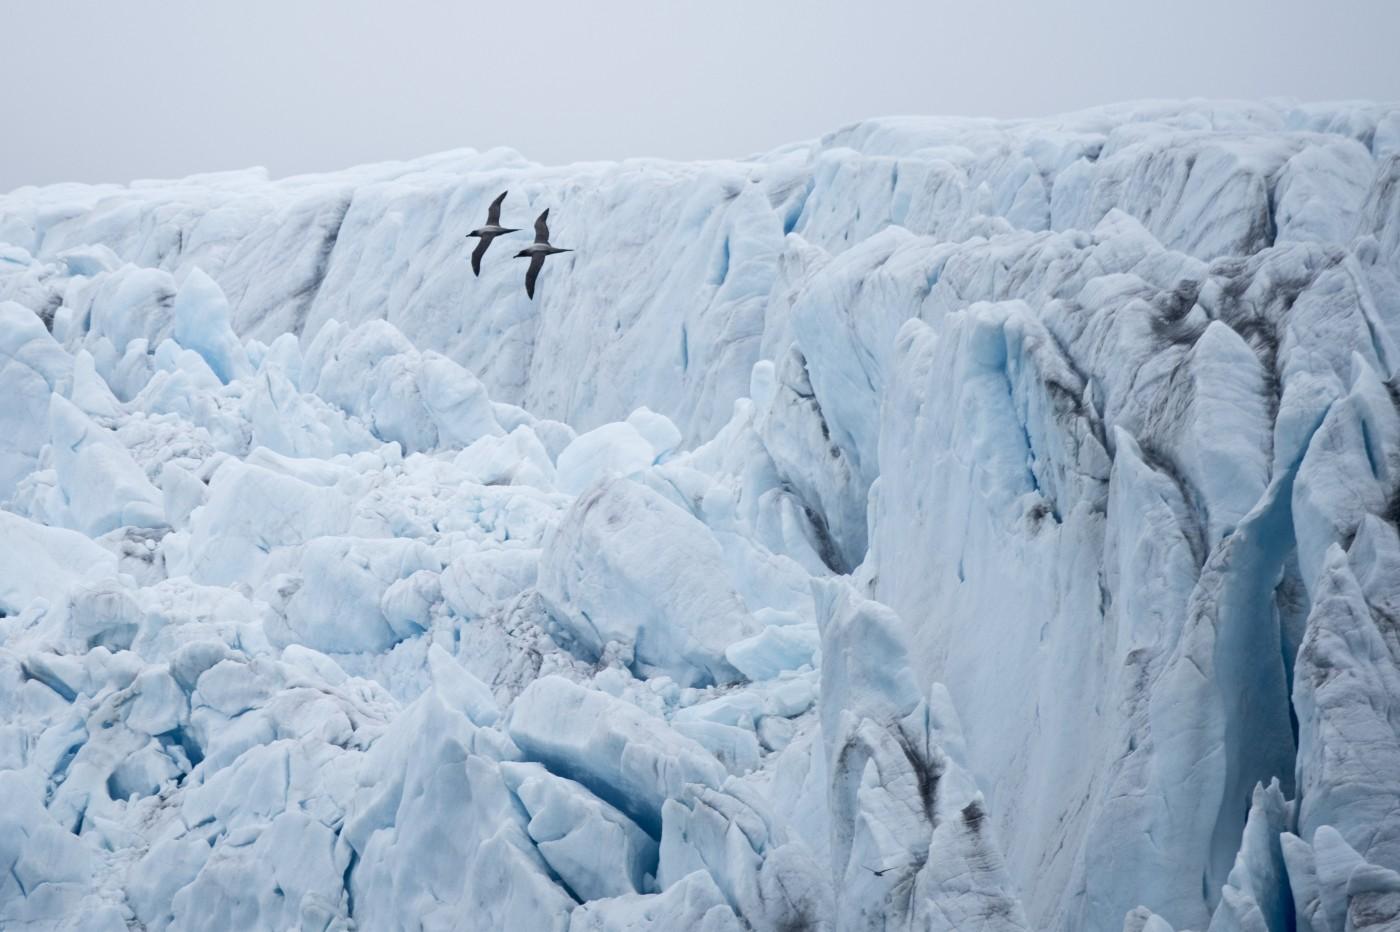 Coppia di albatri lungo la faccia del ghiacciaio della Fortuna, Georgia del sud, Antartide